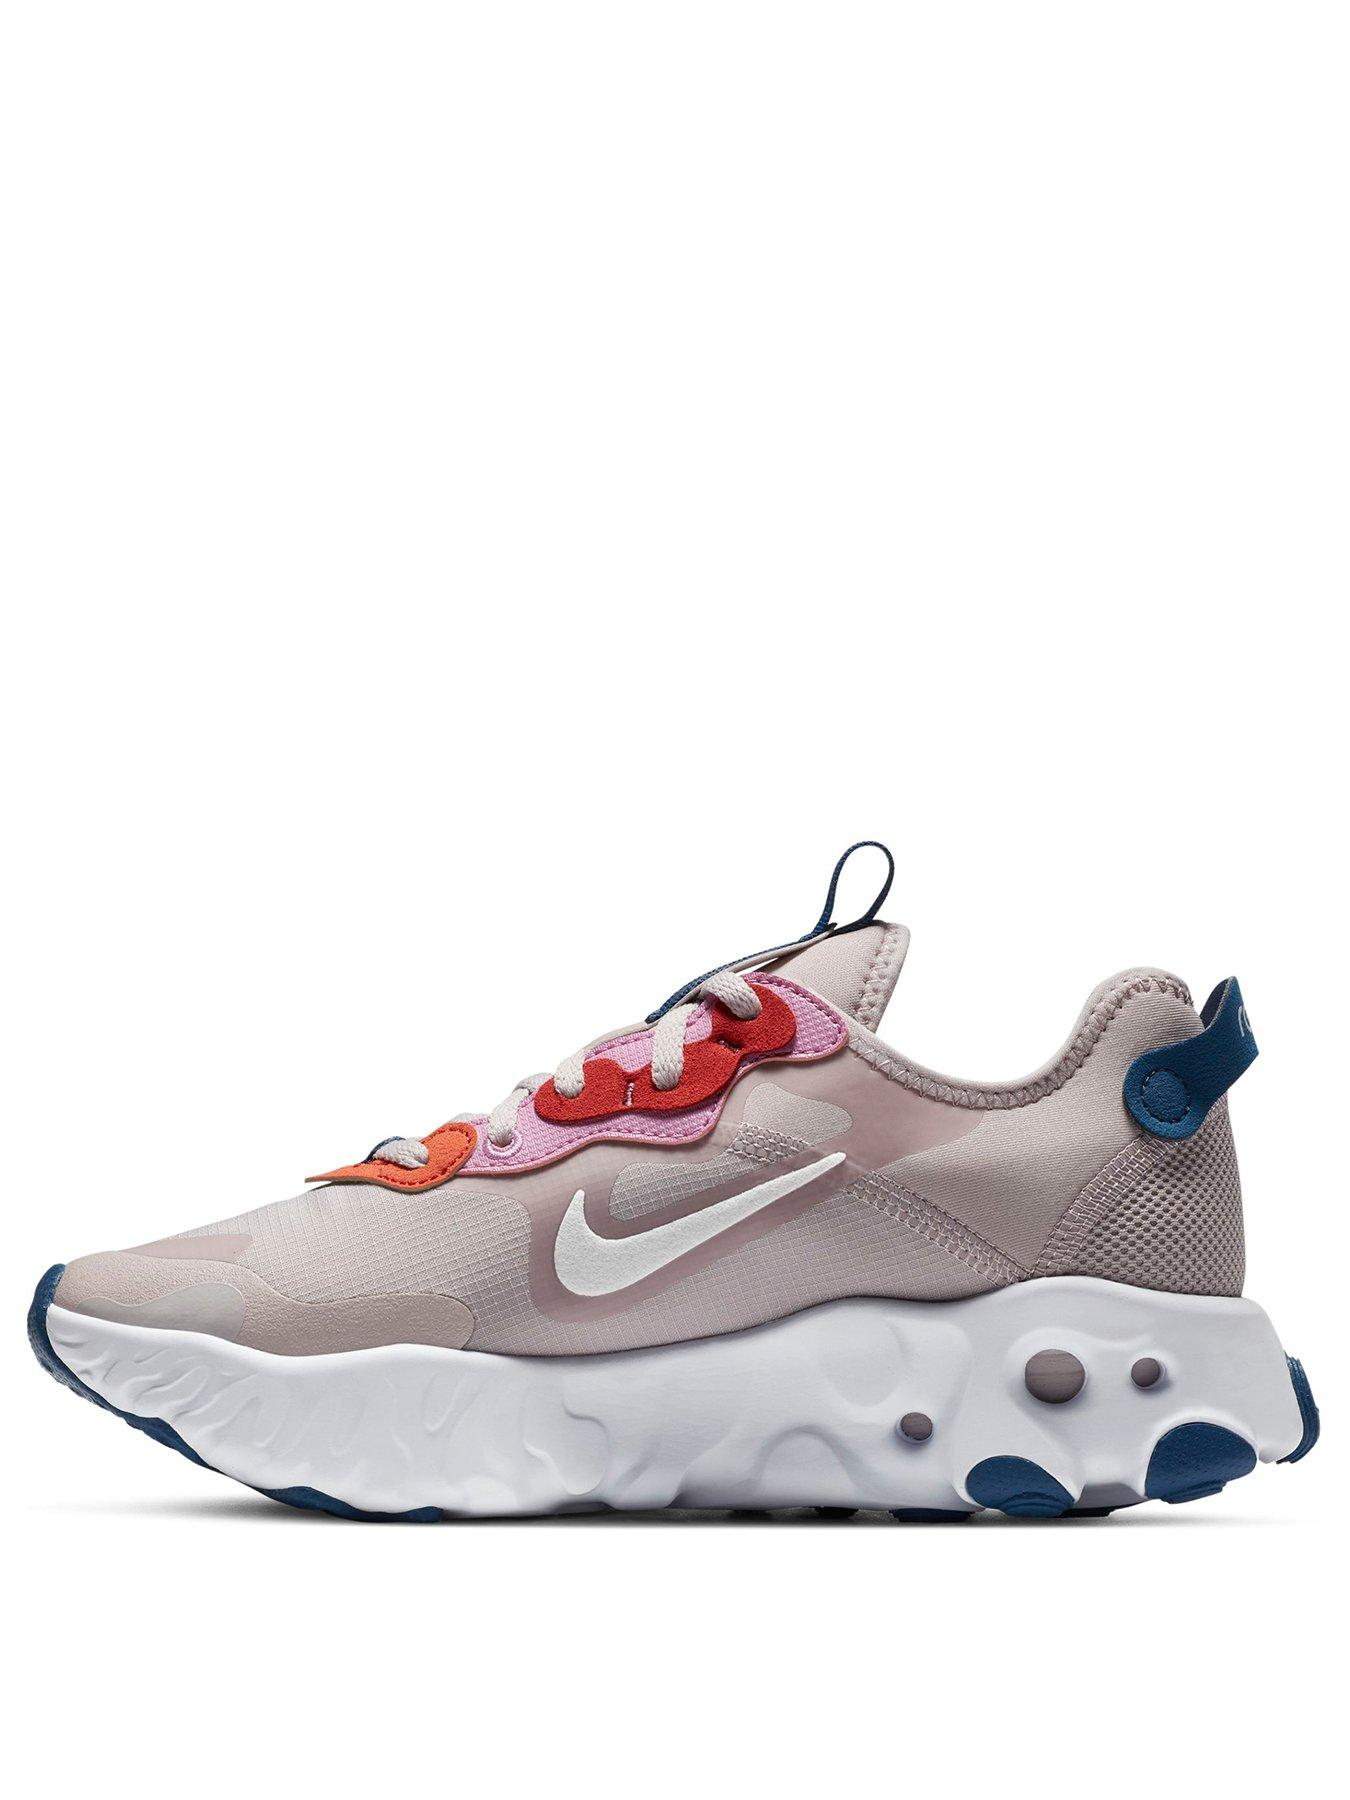 Footwear Sale | Trainers | Women